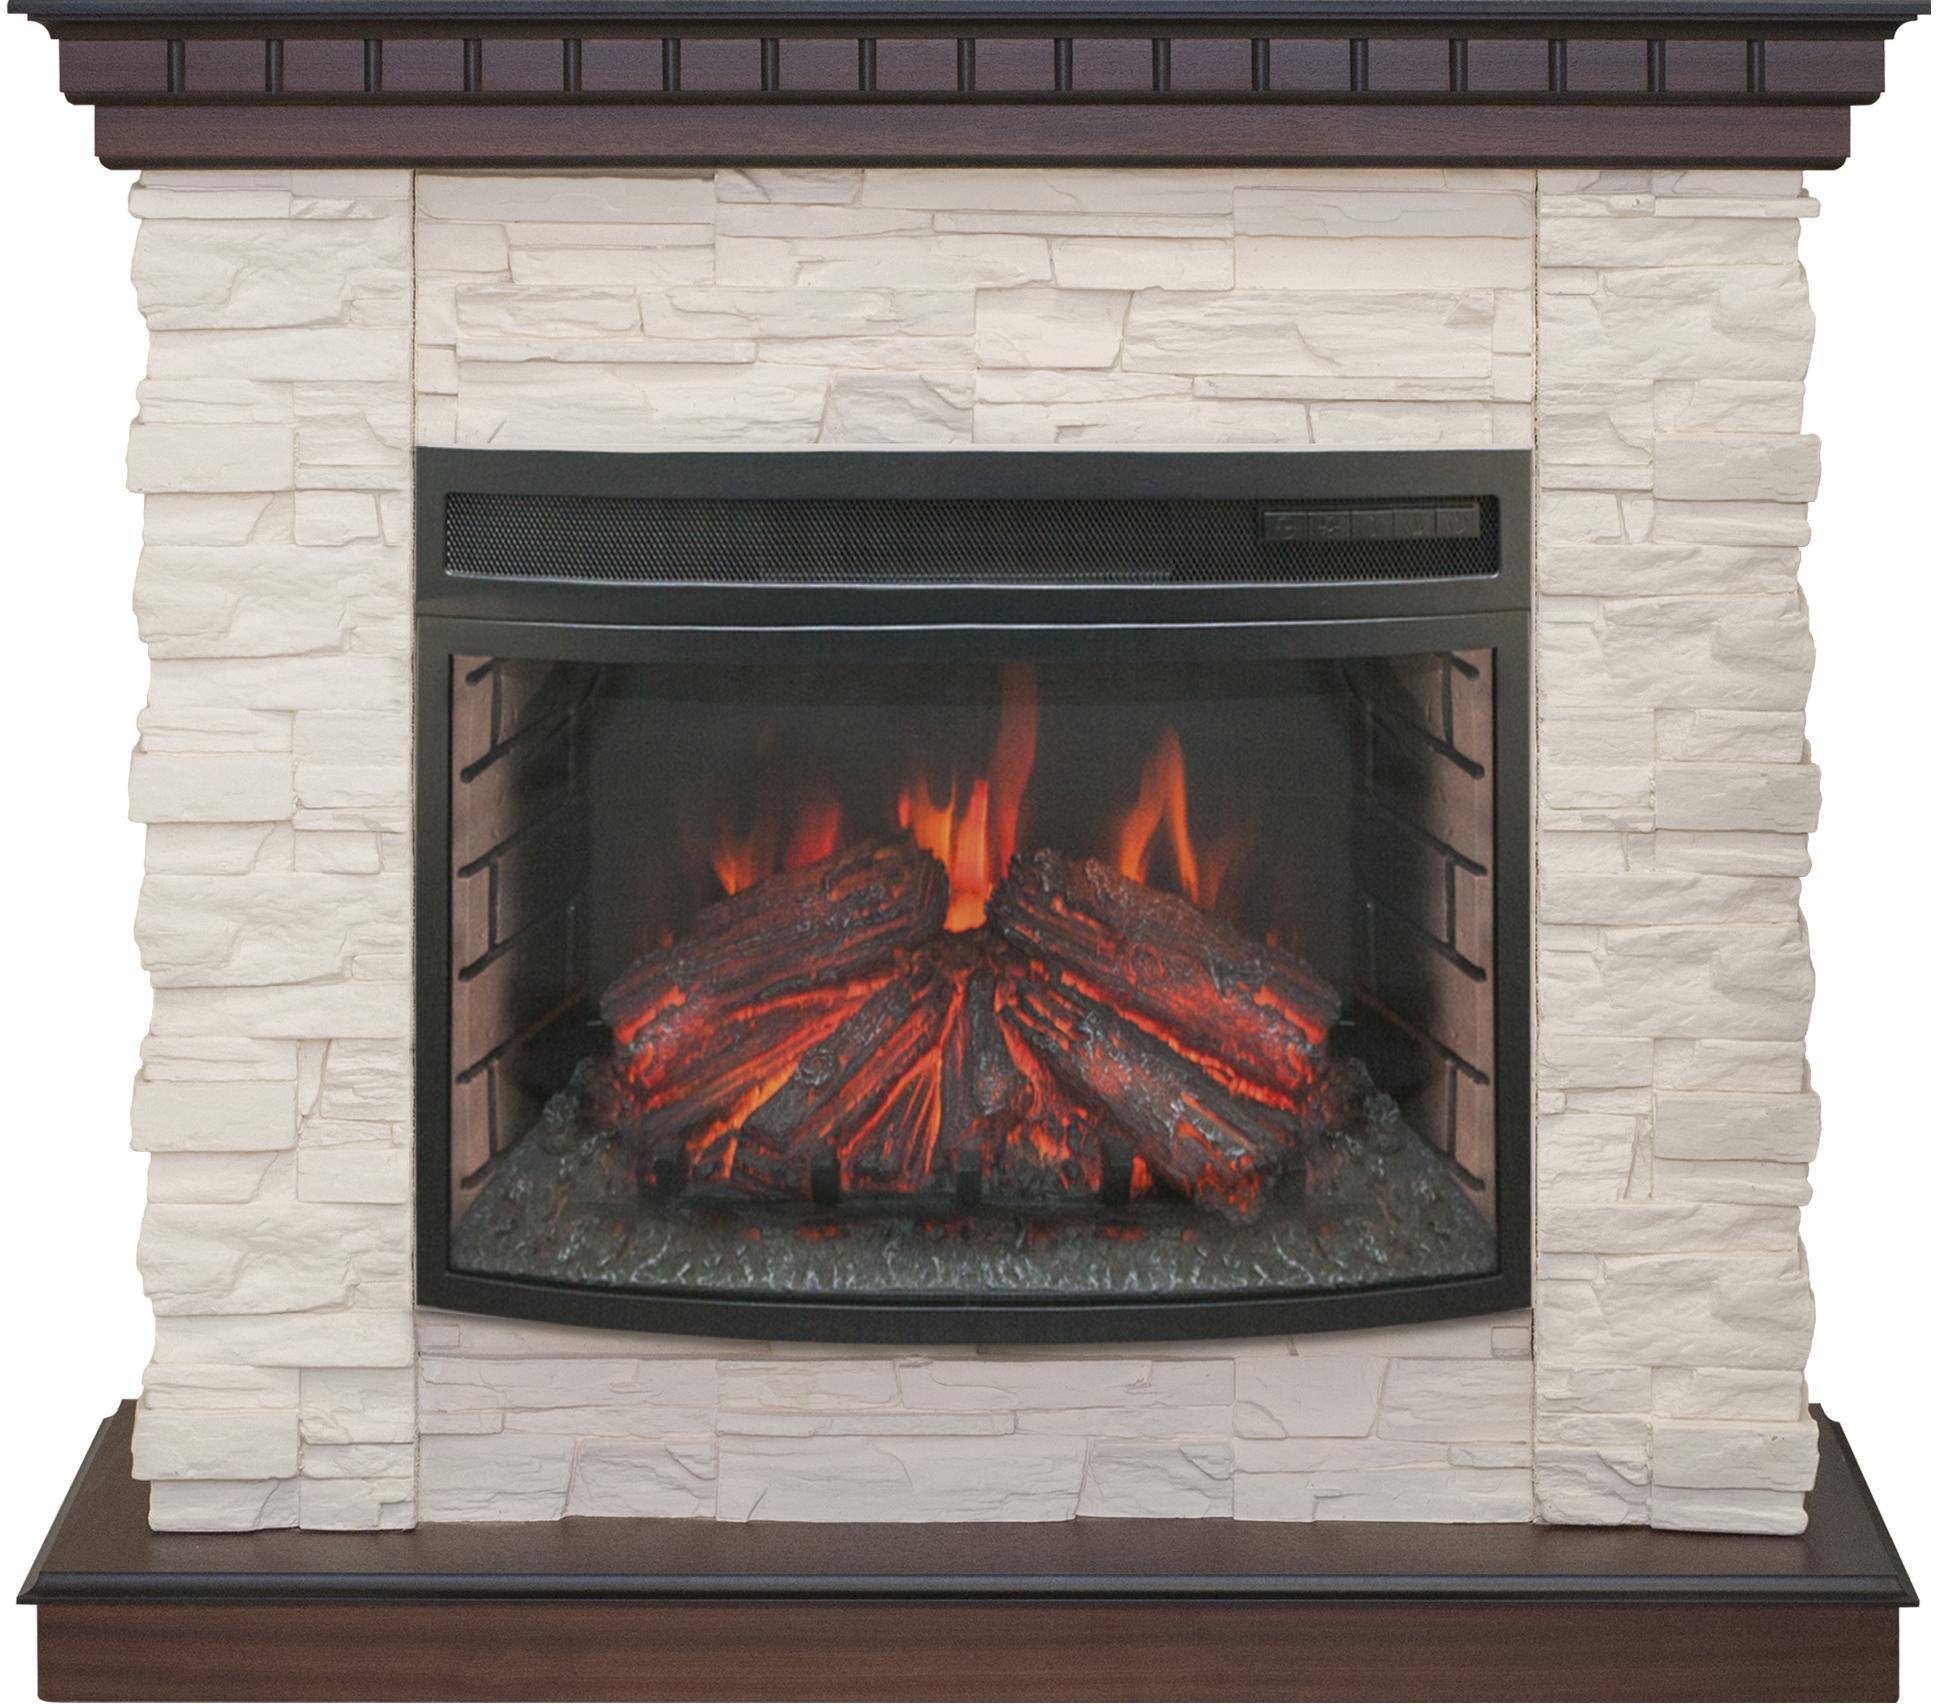 Электрокамин Real flame Elford ao+firefield 25 s ir